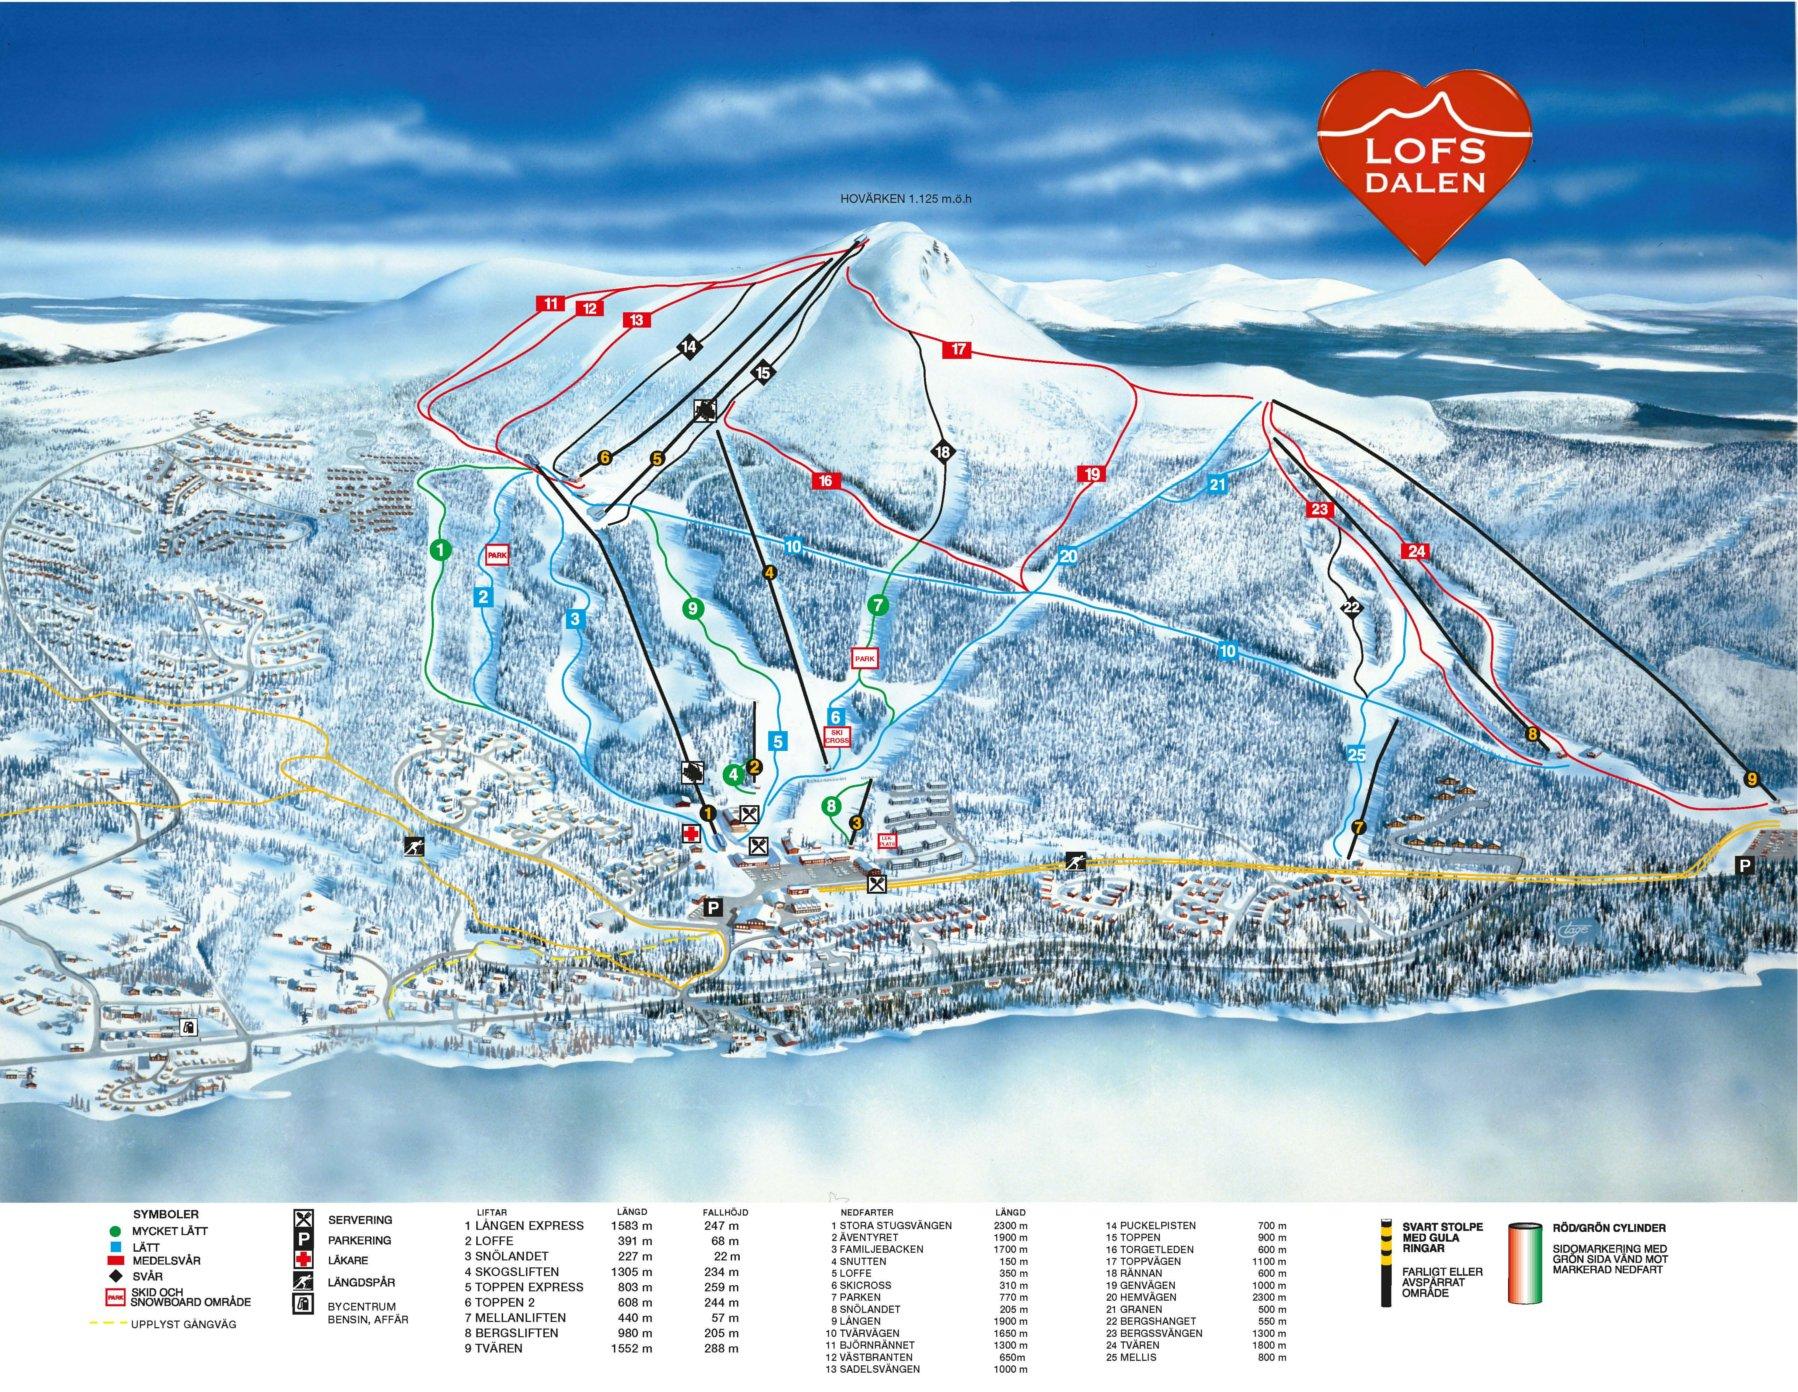 lofsdalen karta Skiing | Lofsdalen lofsdalen karta